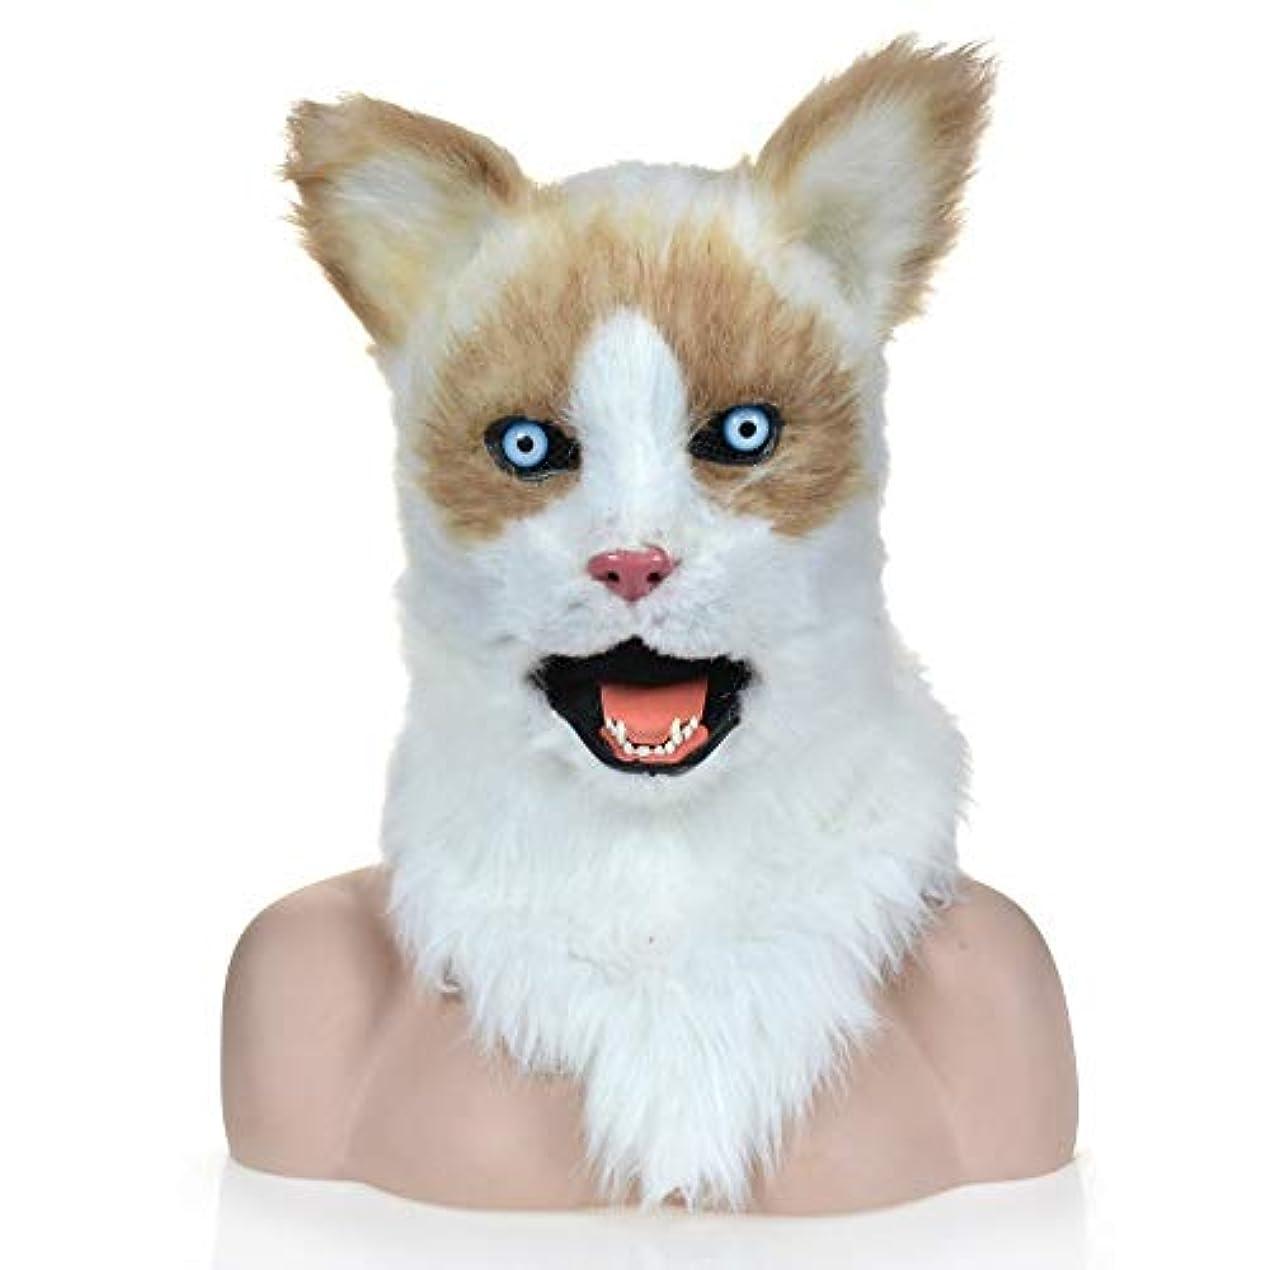 罪悪感人里離れた法医学ETH 動物動物猫ファッションショーシミュレーションマスク/ハロウィーンのデコレーション/アクセサリー 適用されます